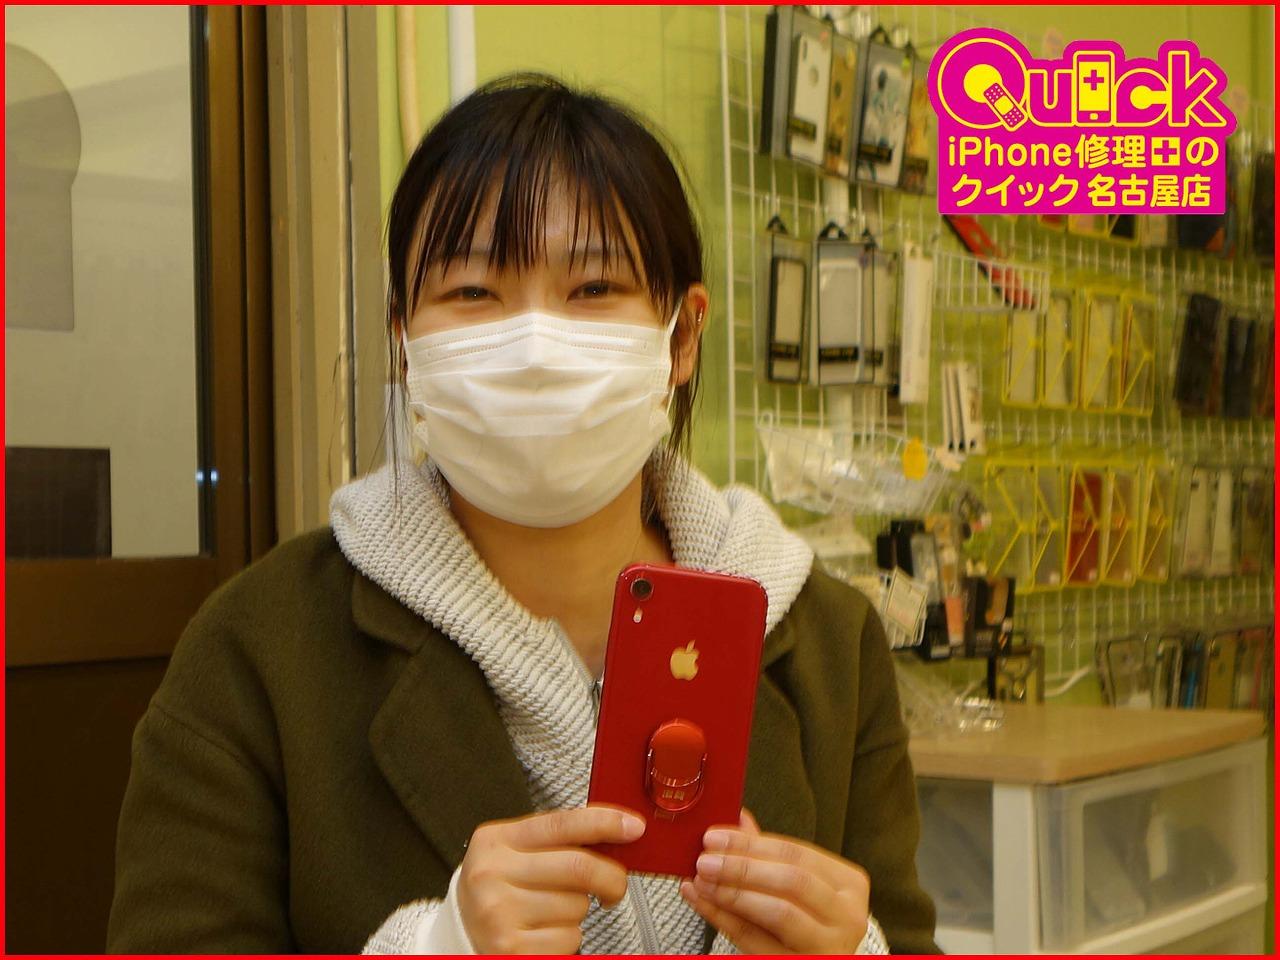 ☆iPhone XRの背面ガラス交換修理にご来店~♪アイフォン修理のクイック名古屋